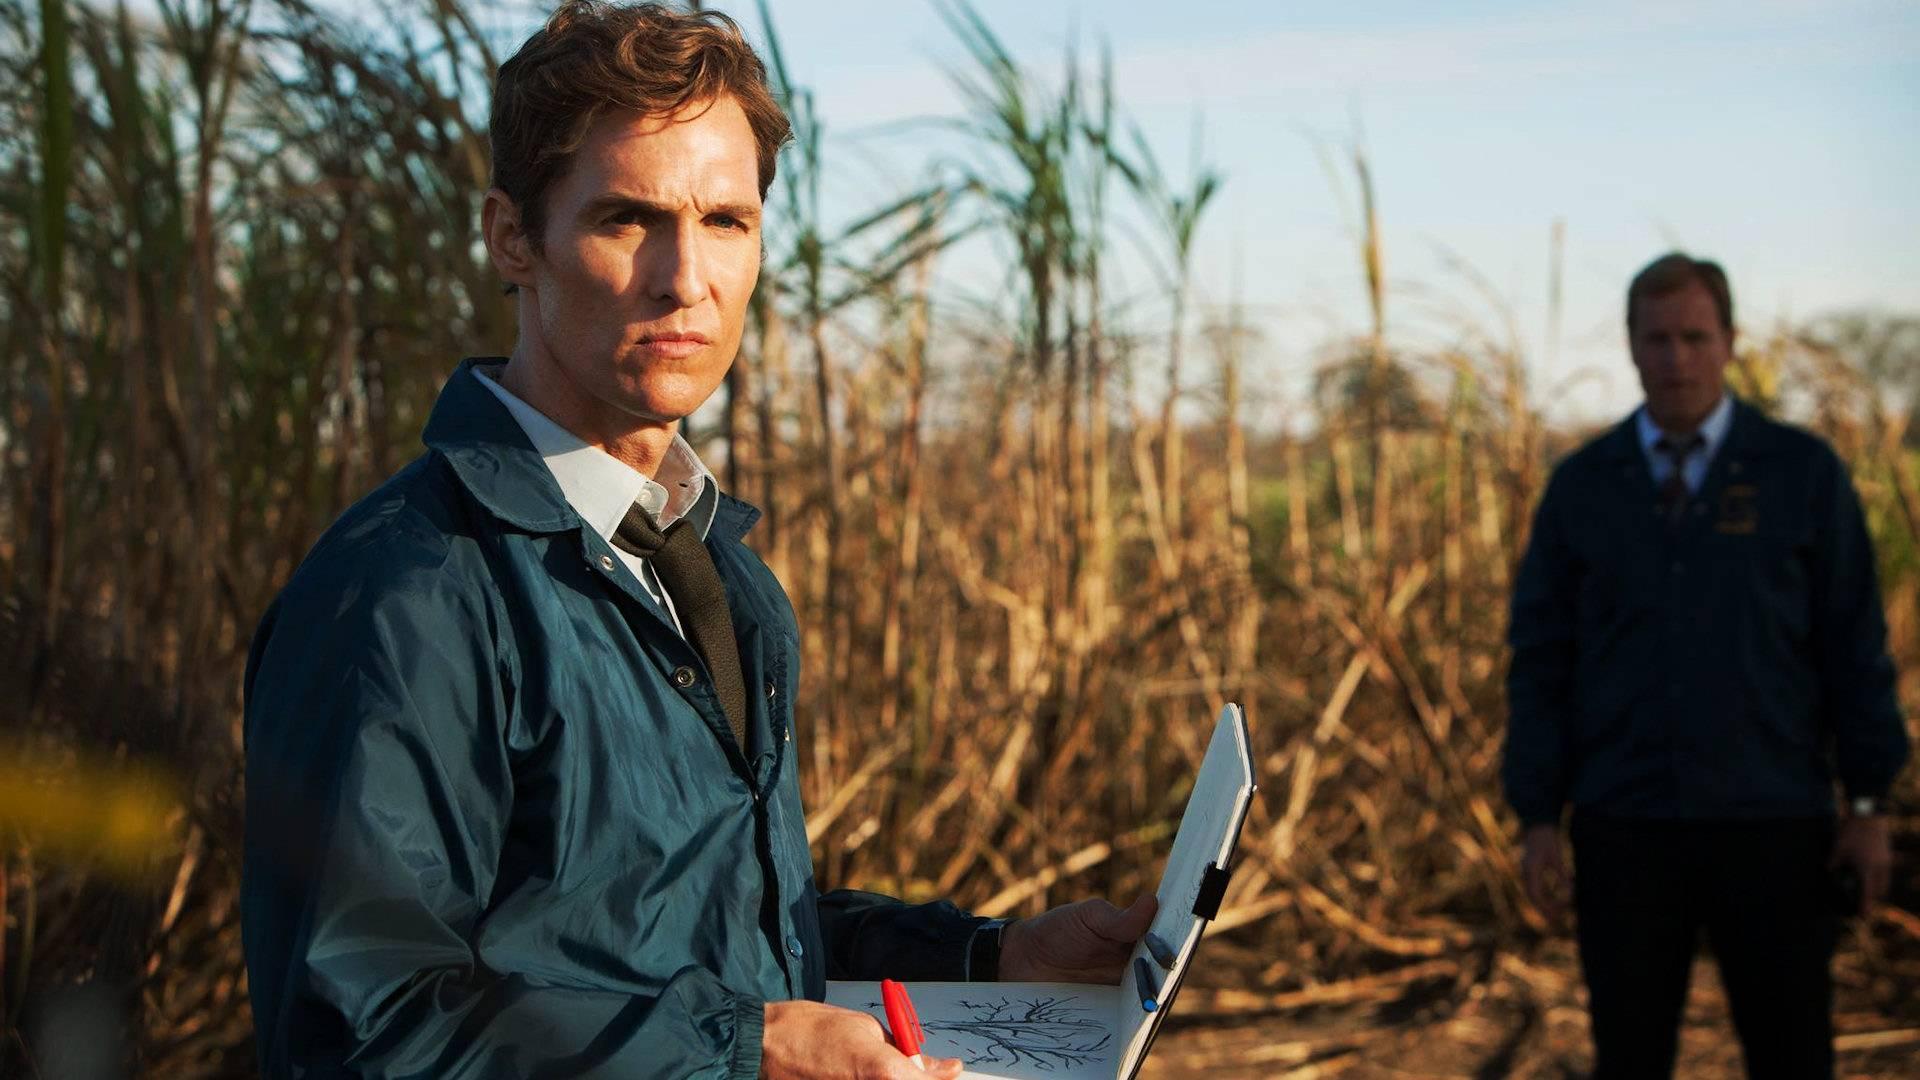 Сериал «Настоящий детектив» возвратится с 3-м сезоном